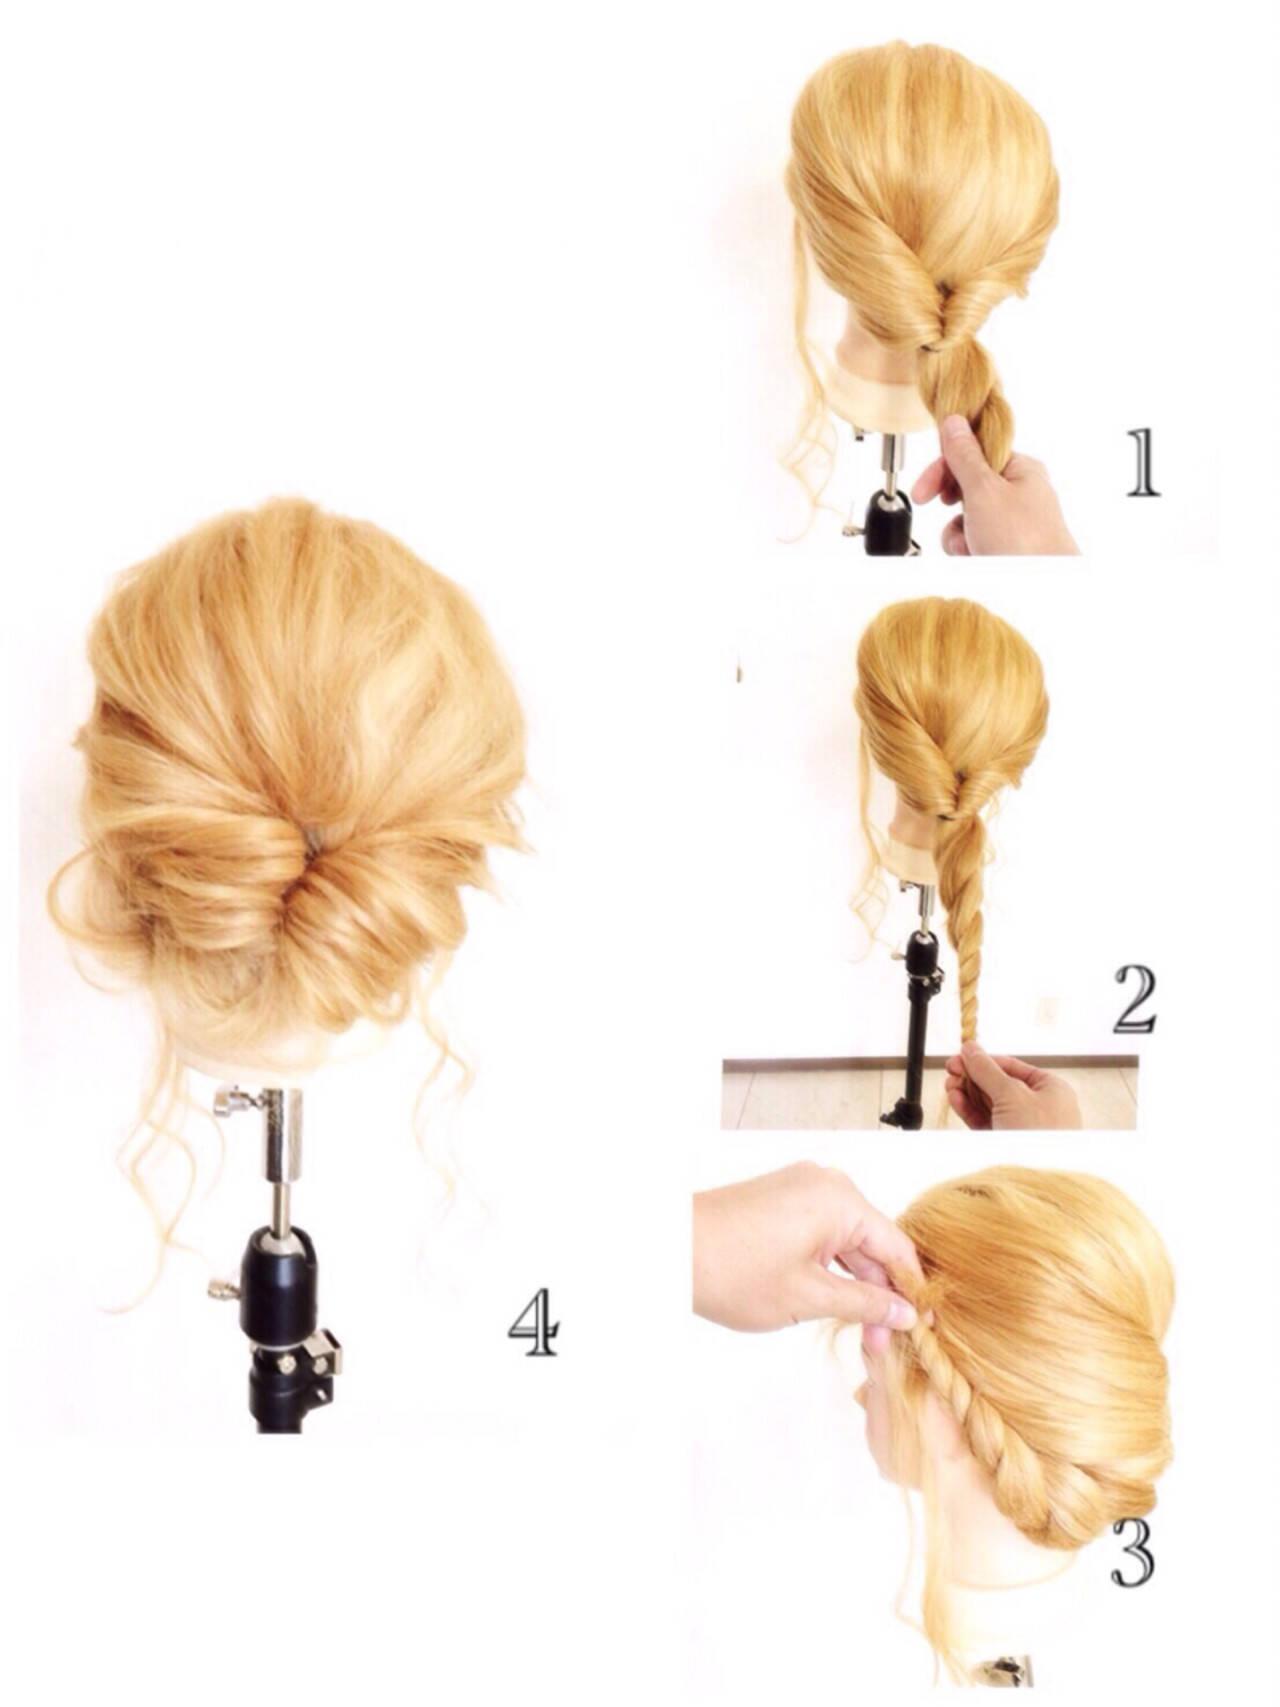 簡単ヘアアレンジ 外国人風 ショート グラデーションカラーヘアスタイルや髪型の写真・画像